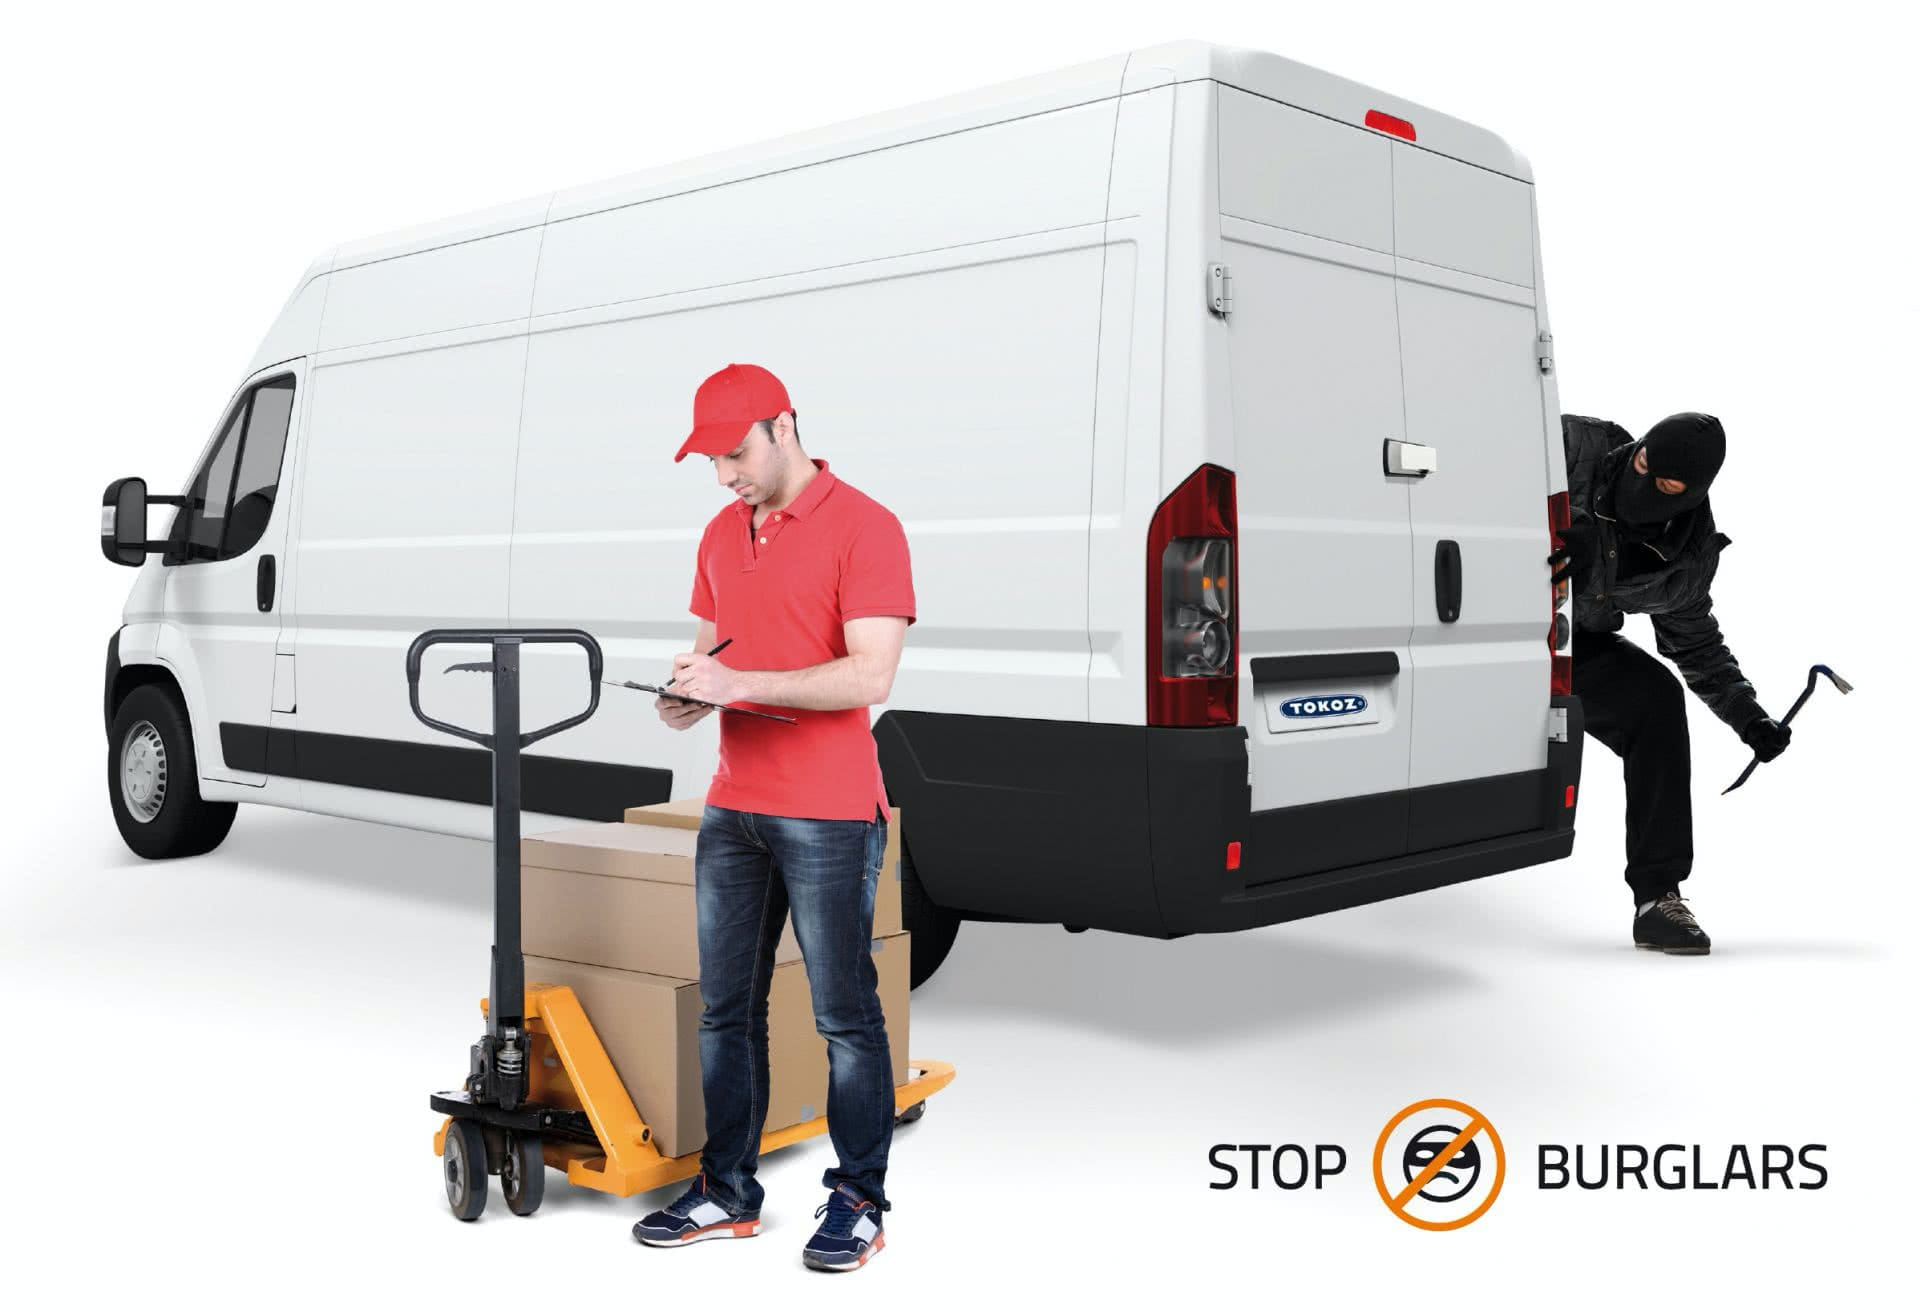 vanlock_stop_burglars